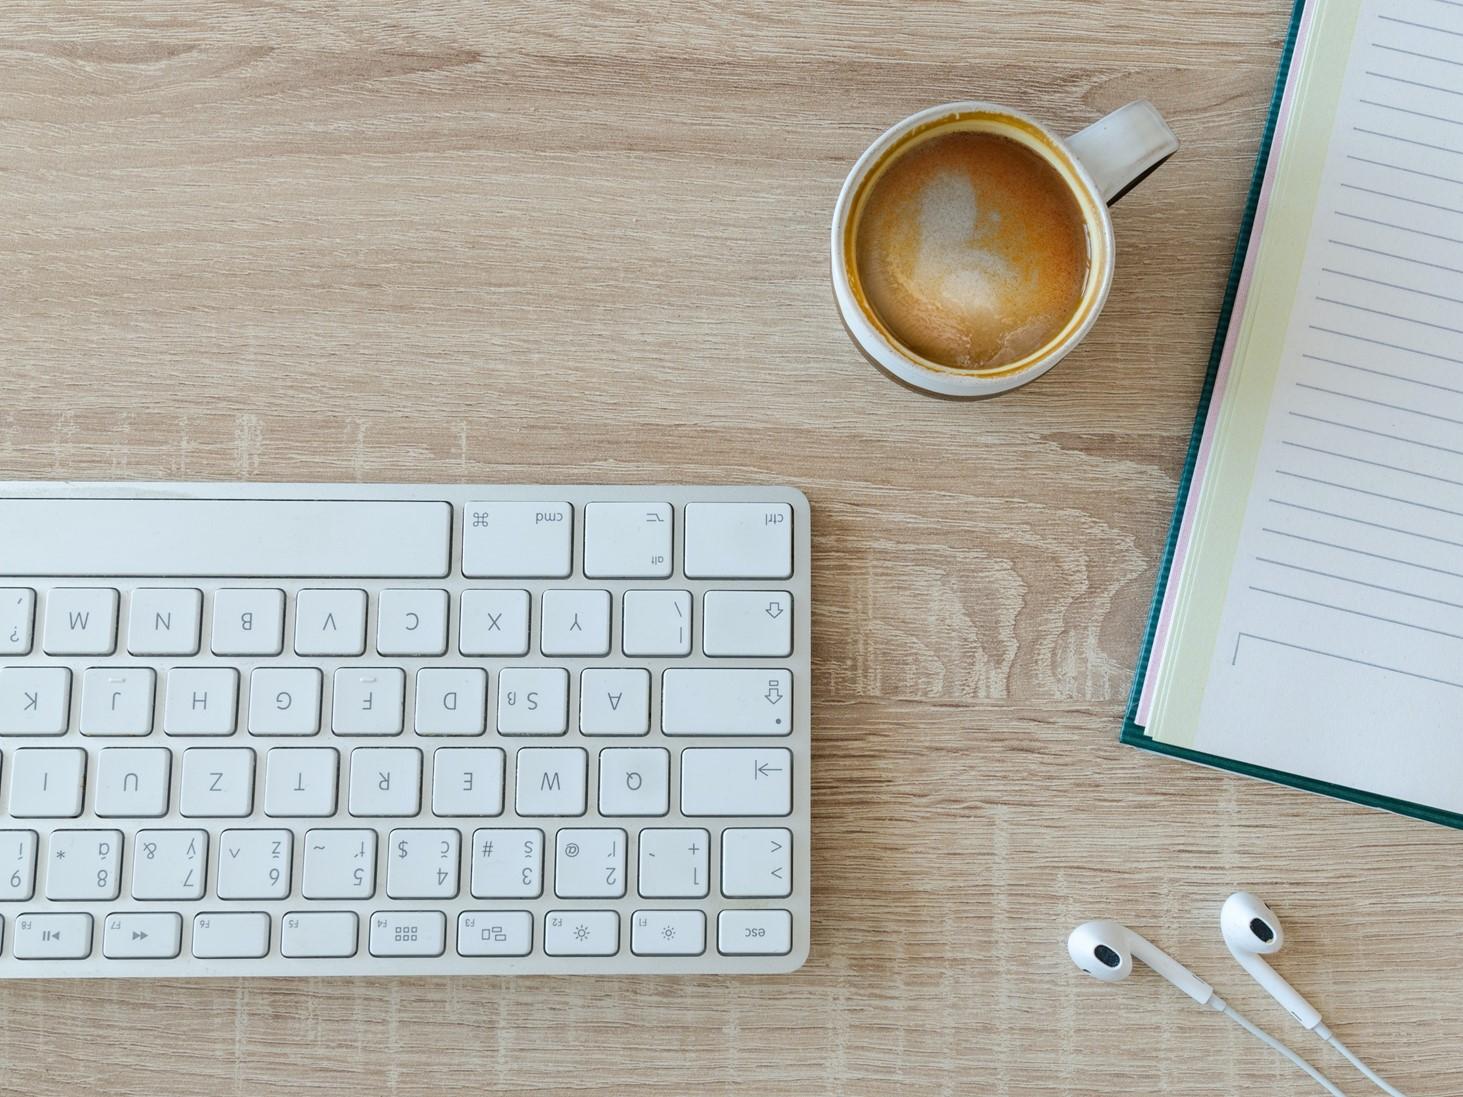 Bild von einer Tastatur, Kaffee, Kopfhörern und einem Notizbuch.